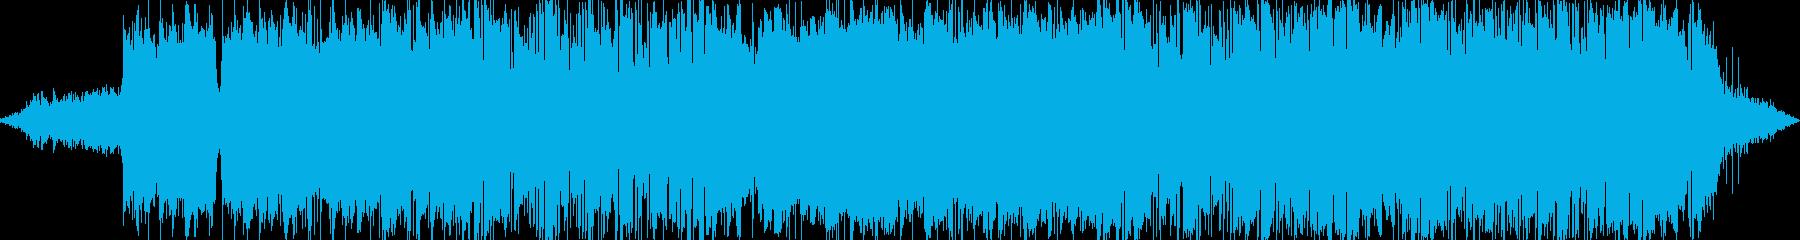 エレクトロニック サスペンス 静か...の再生済みの波形